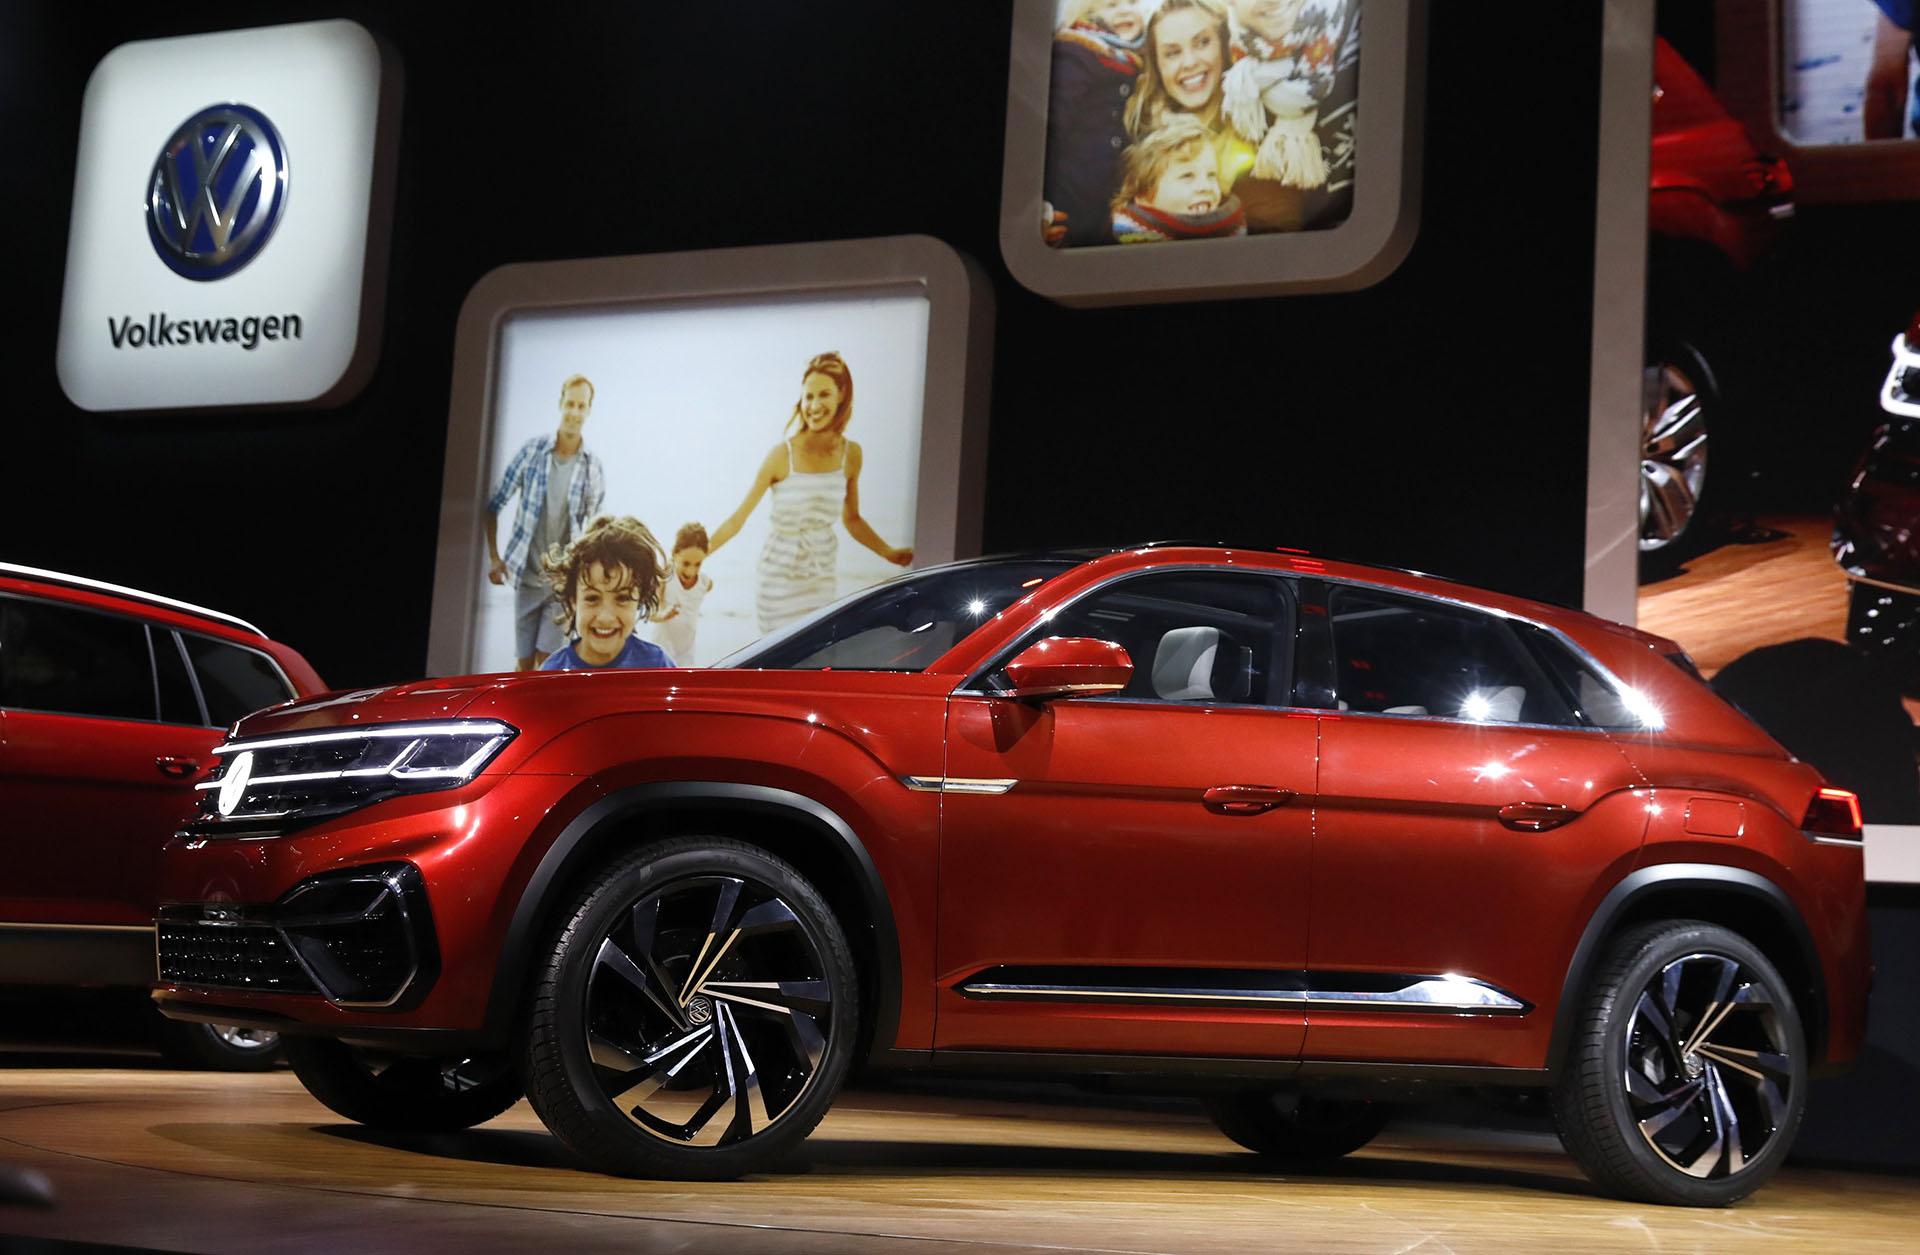 Volkswagen desplegó un imponente stand en la ciudad norteamericana. Develó el prototipo SUV Atlas Cross Sport, una especie de Atlas coupé de cinco plazas. Se trata de un modelo compacto y con estética deportiva construido sobre la prolífica plataforma MQB